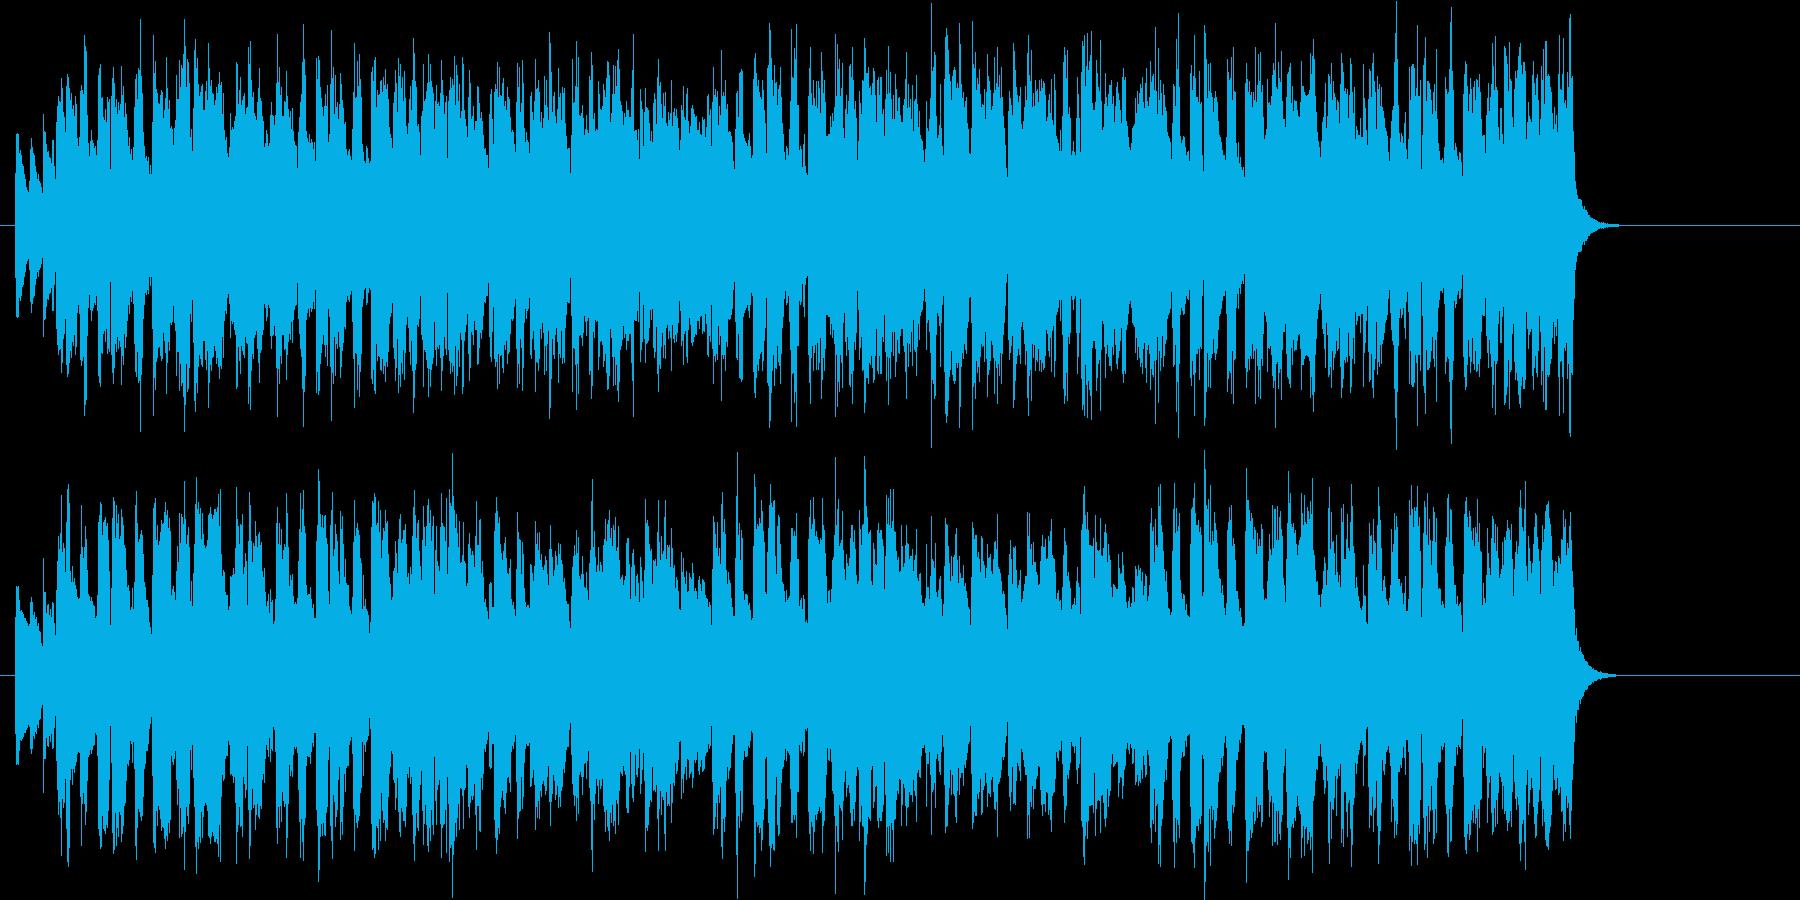 ビッグ・バンド風スィングジャズの再生済みの波形